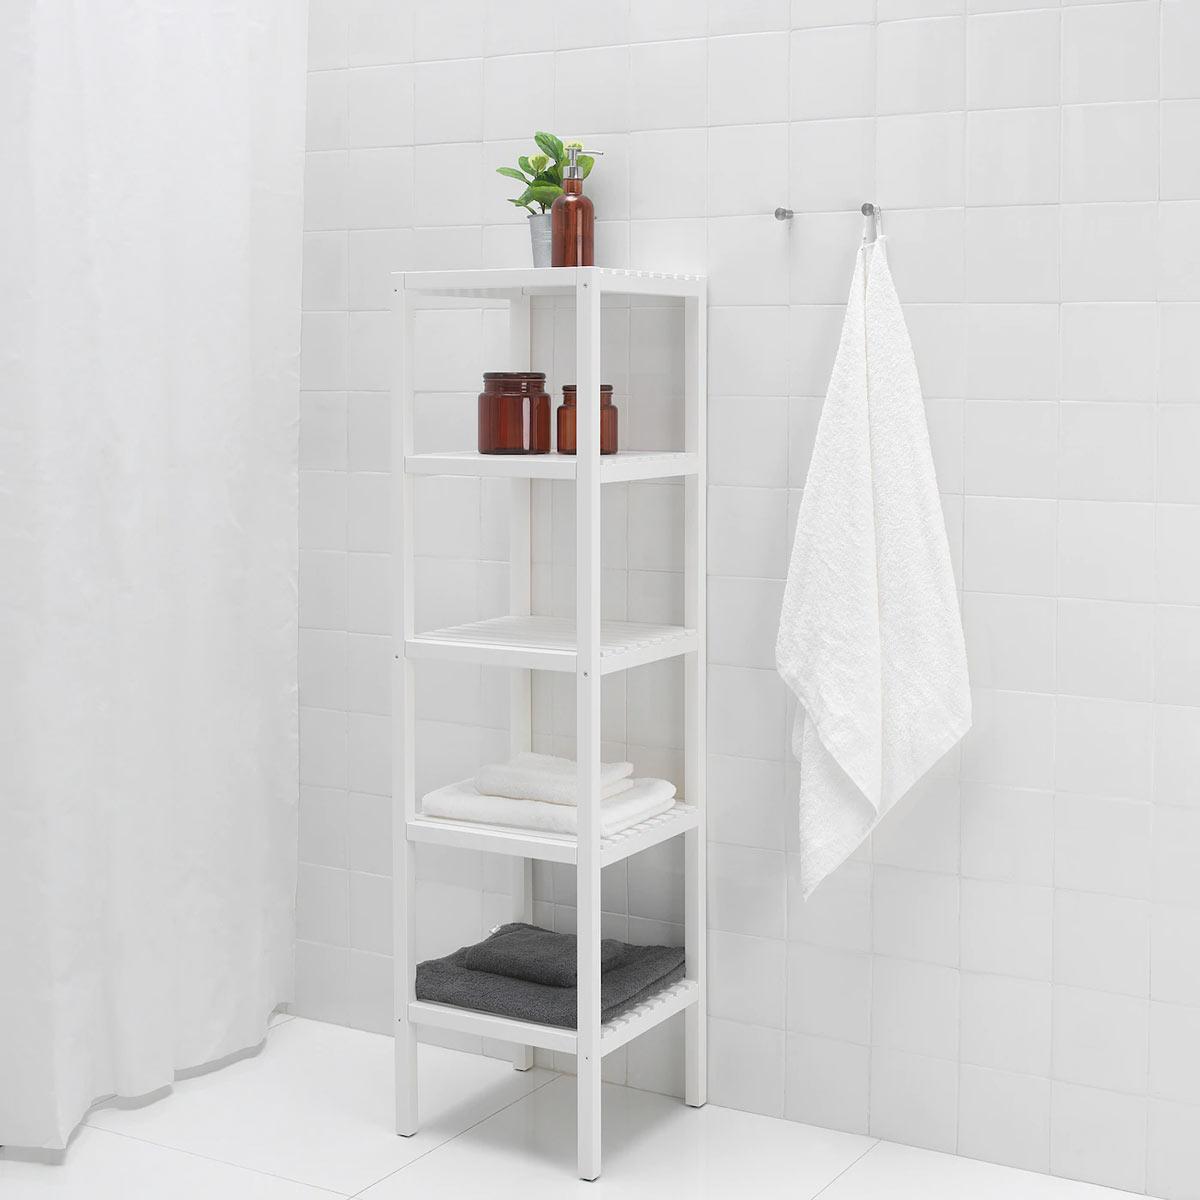 In secondo luogo, gli accessori per il bagno devono essere belli, piacevoli e in linea con l'arredo del bagno. Ikea Bagno I Mobili Del Catalogo 2020 Lasciati Ispirare